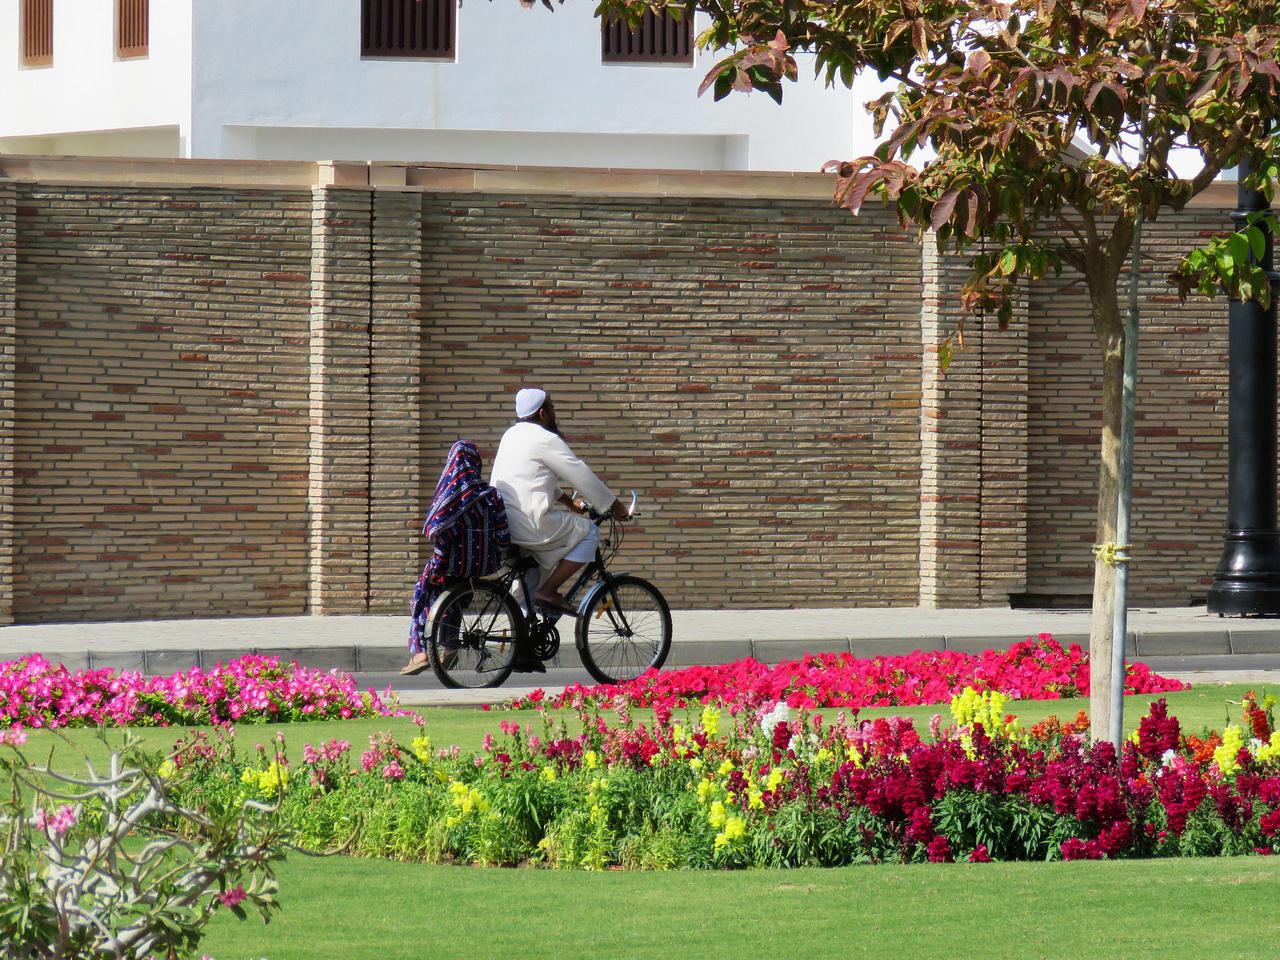 Bicikliből tényleg nem sok van, de egyet azért sikerült elkapni a szultáni palota parkjában. A hegyi utakon egyébként találkoztunk kisebb országúti bringás csapatokkal – a hétvégi tekerés sportos divatja Ománban is megjelent.